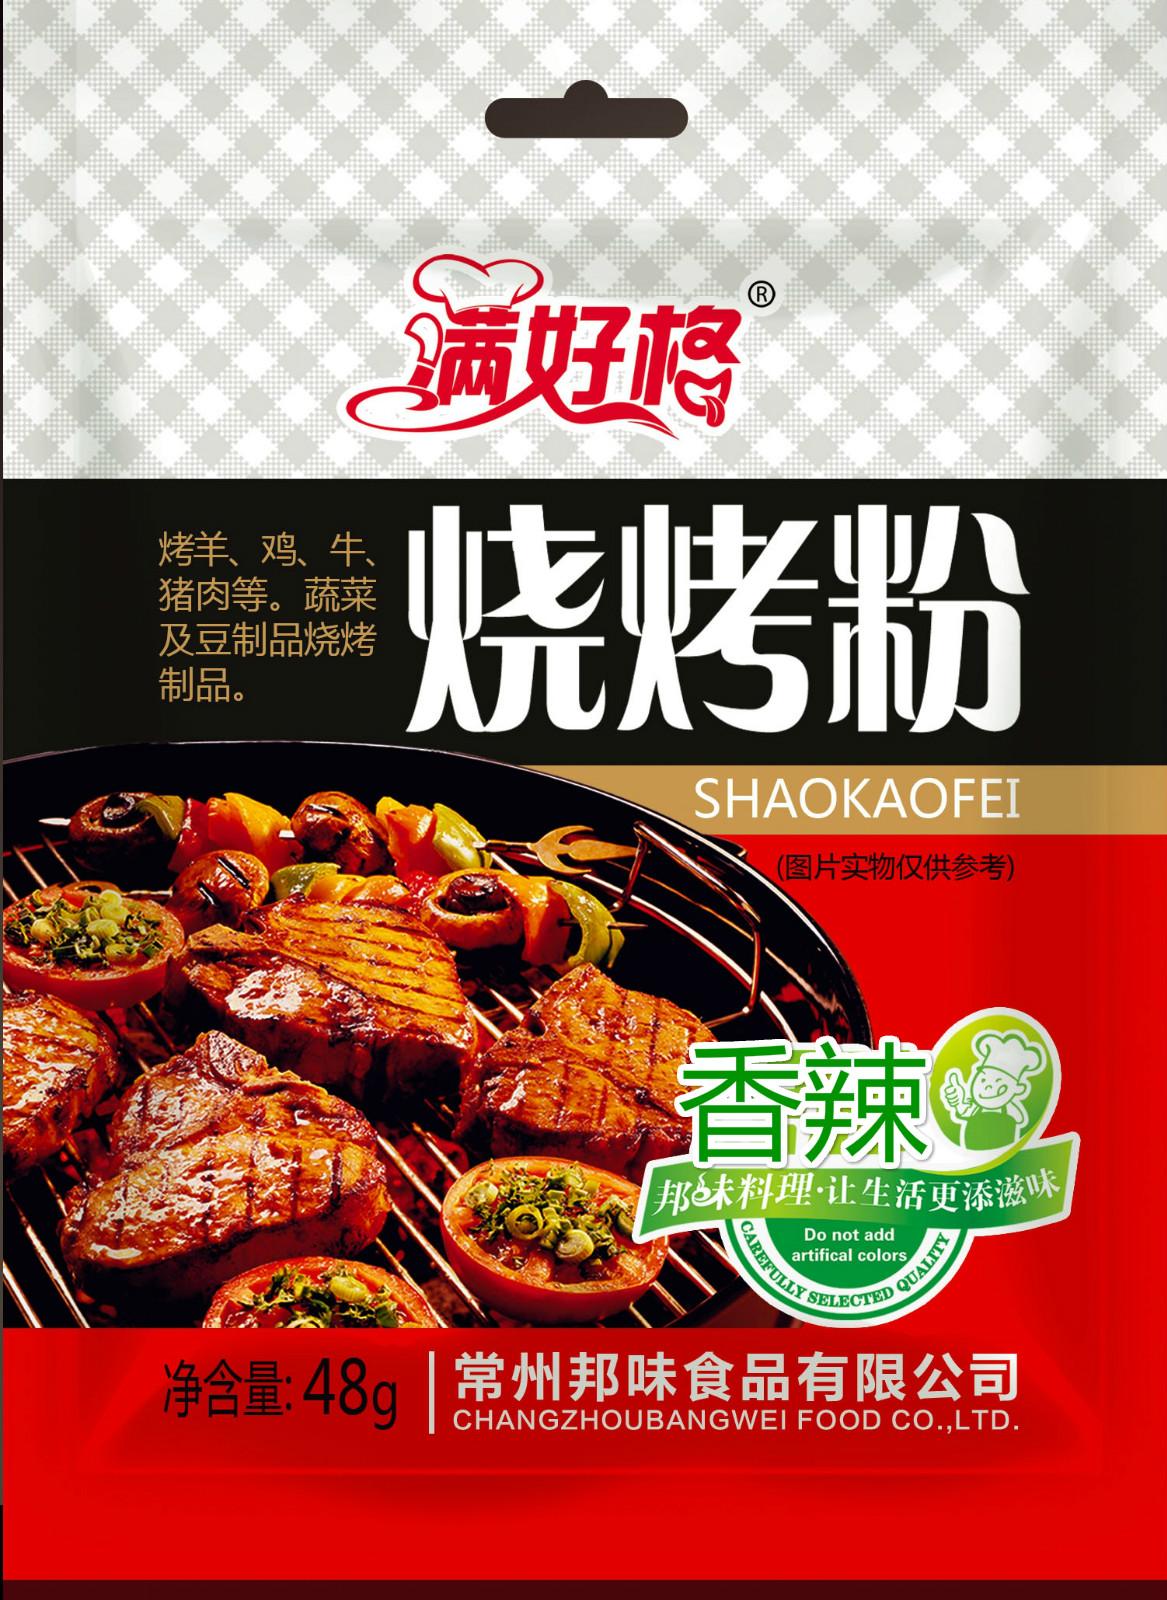 满好格羊肉牛肉鸡肉猪肉鸡翅海鲜鱼虾蔬菜烧烤油炸撒粉调味粉撒料